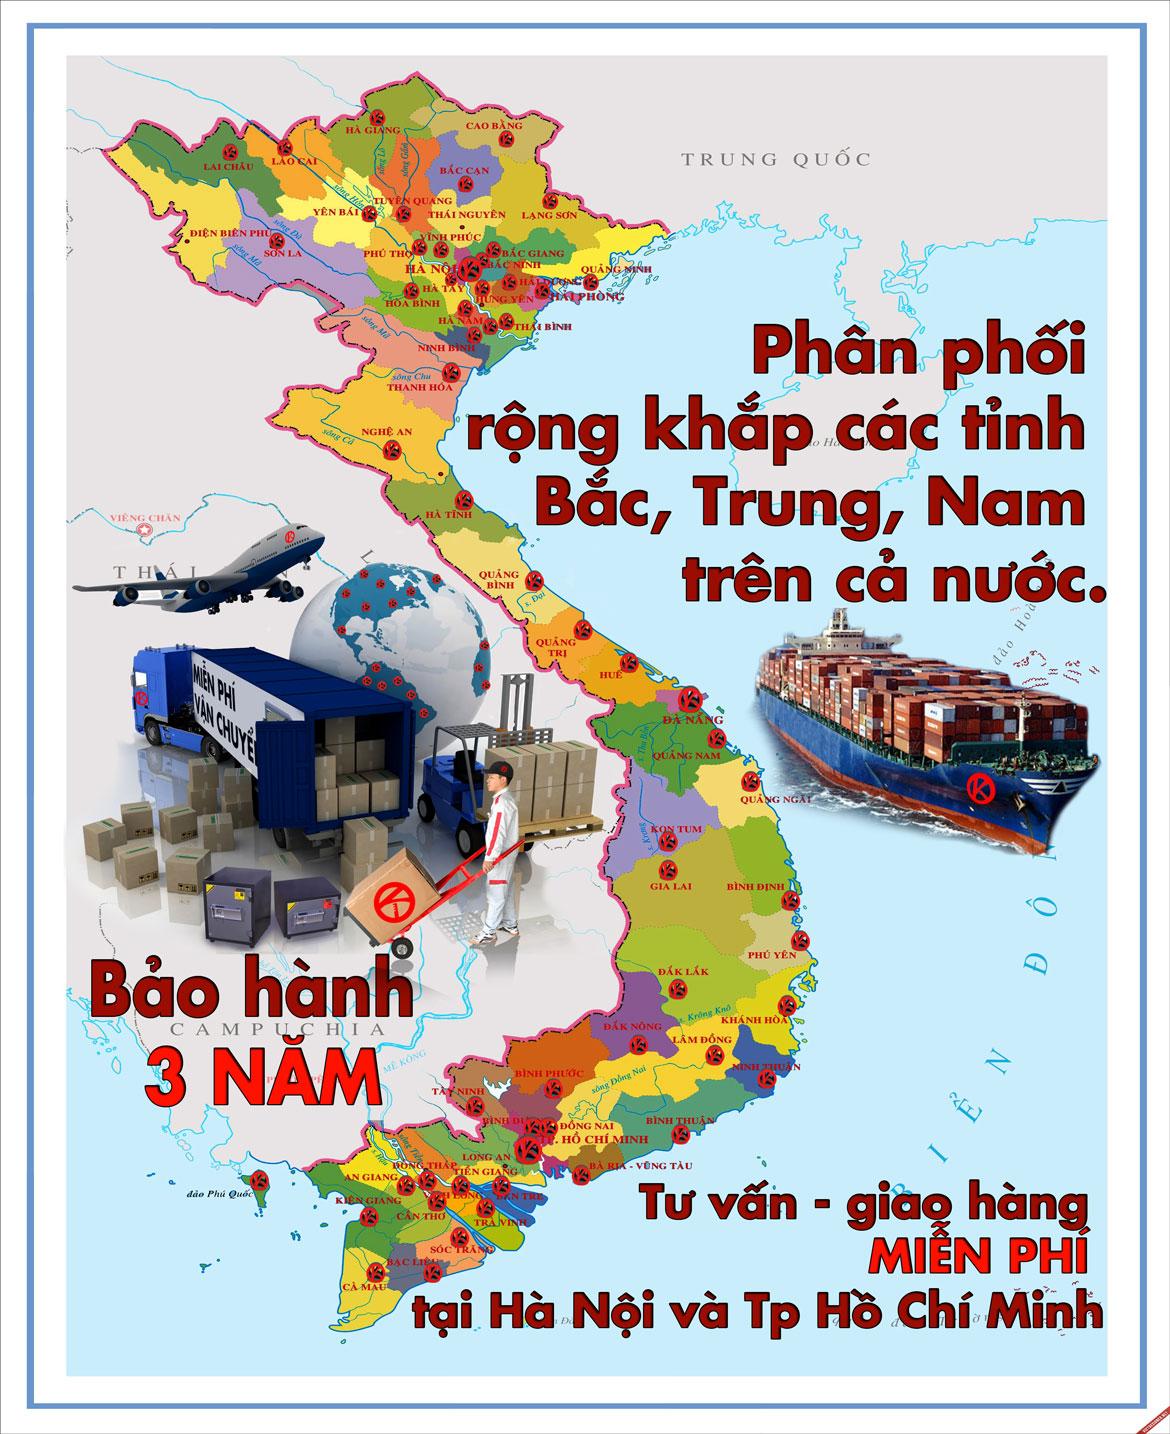 he-thong-phan-phoi-web